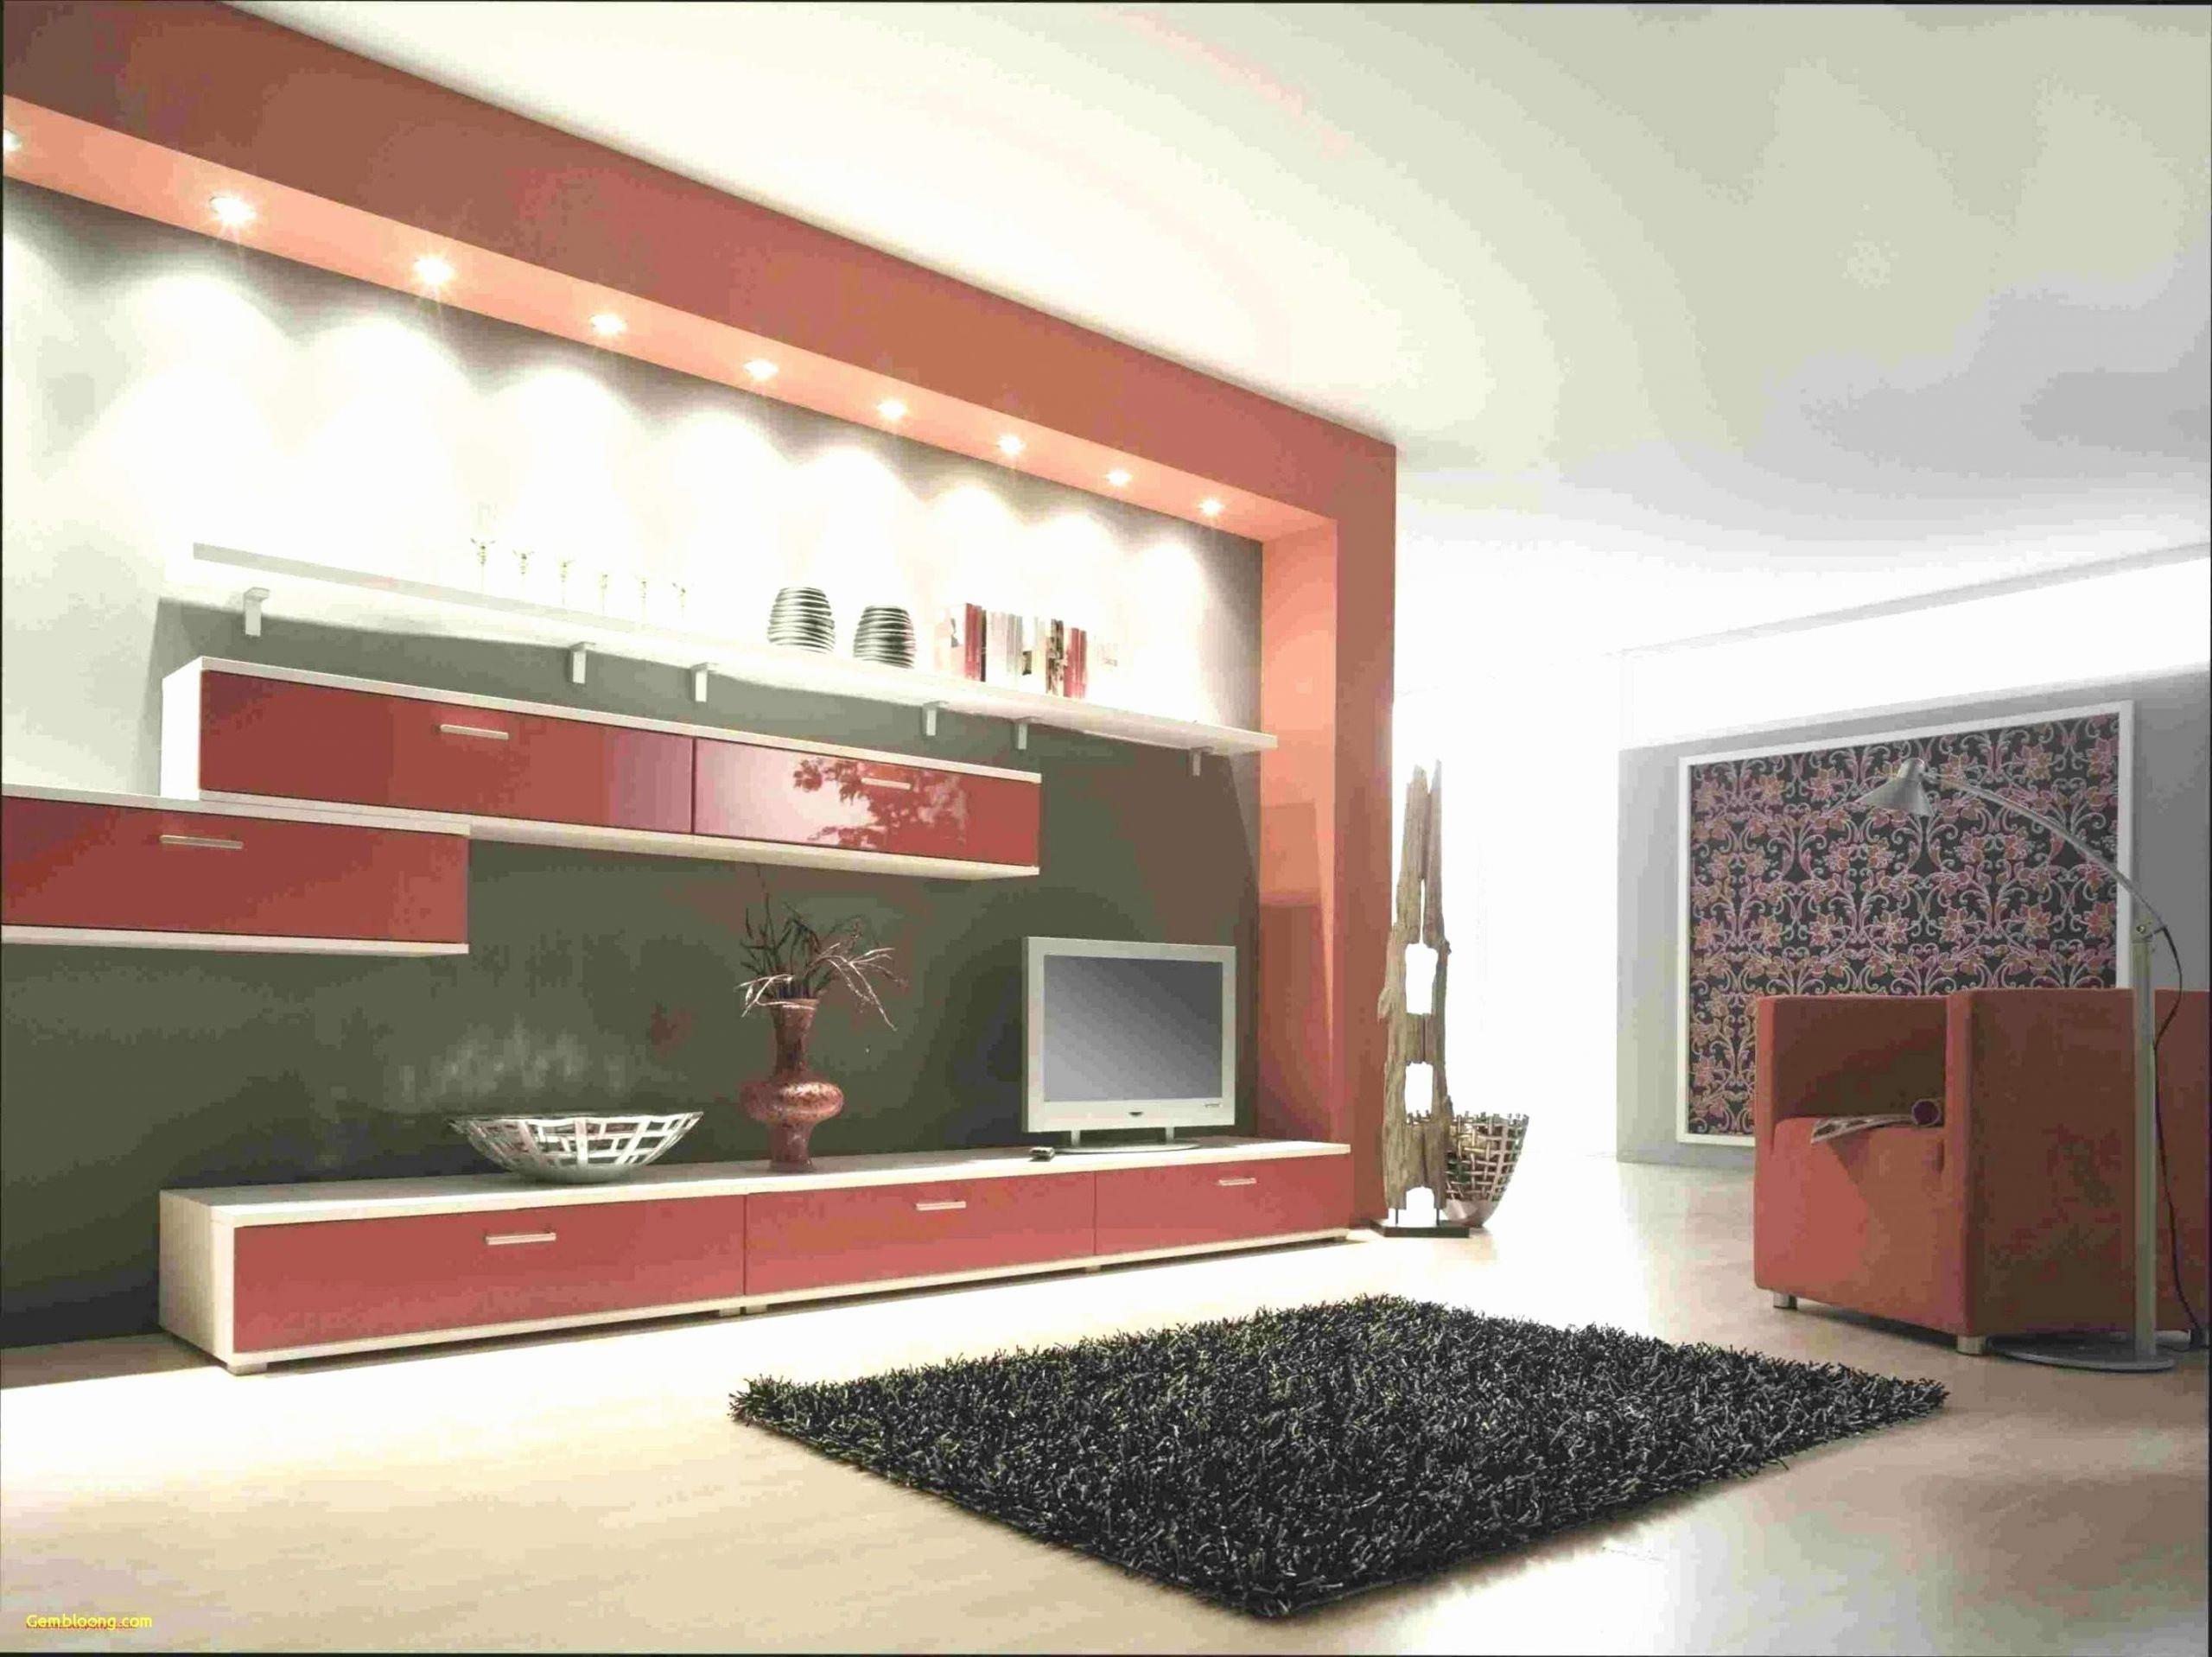 Full Size of Modern Wohnzimmer Ideen Moderne Mit Essplatz Inspirierend Lampen Led Deckenleuchte Beleuchtung Bett Design Deckenlampe Teppich Großes Bild Stehleuchte Poster Wohnzimmer Modern Wohnzimmer Ideen